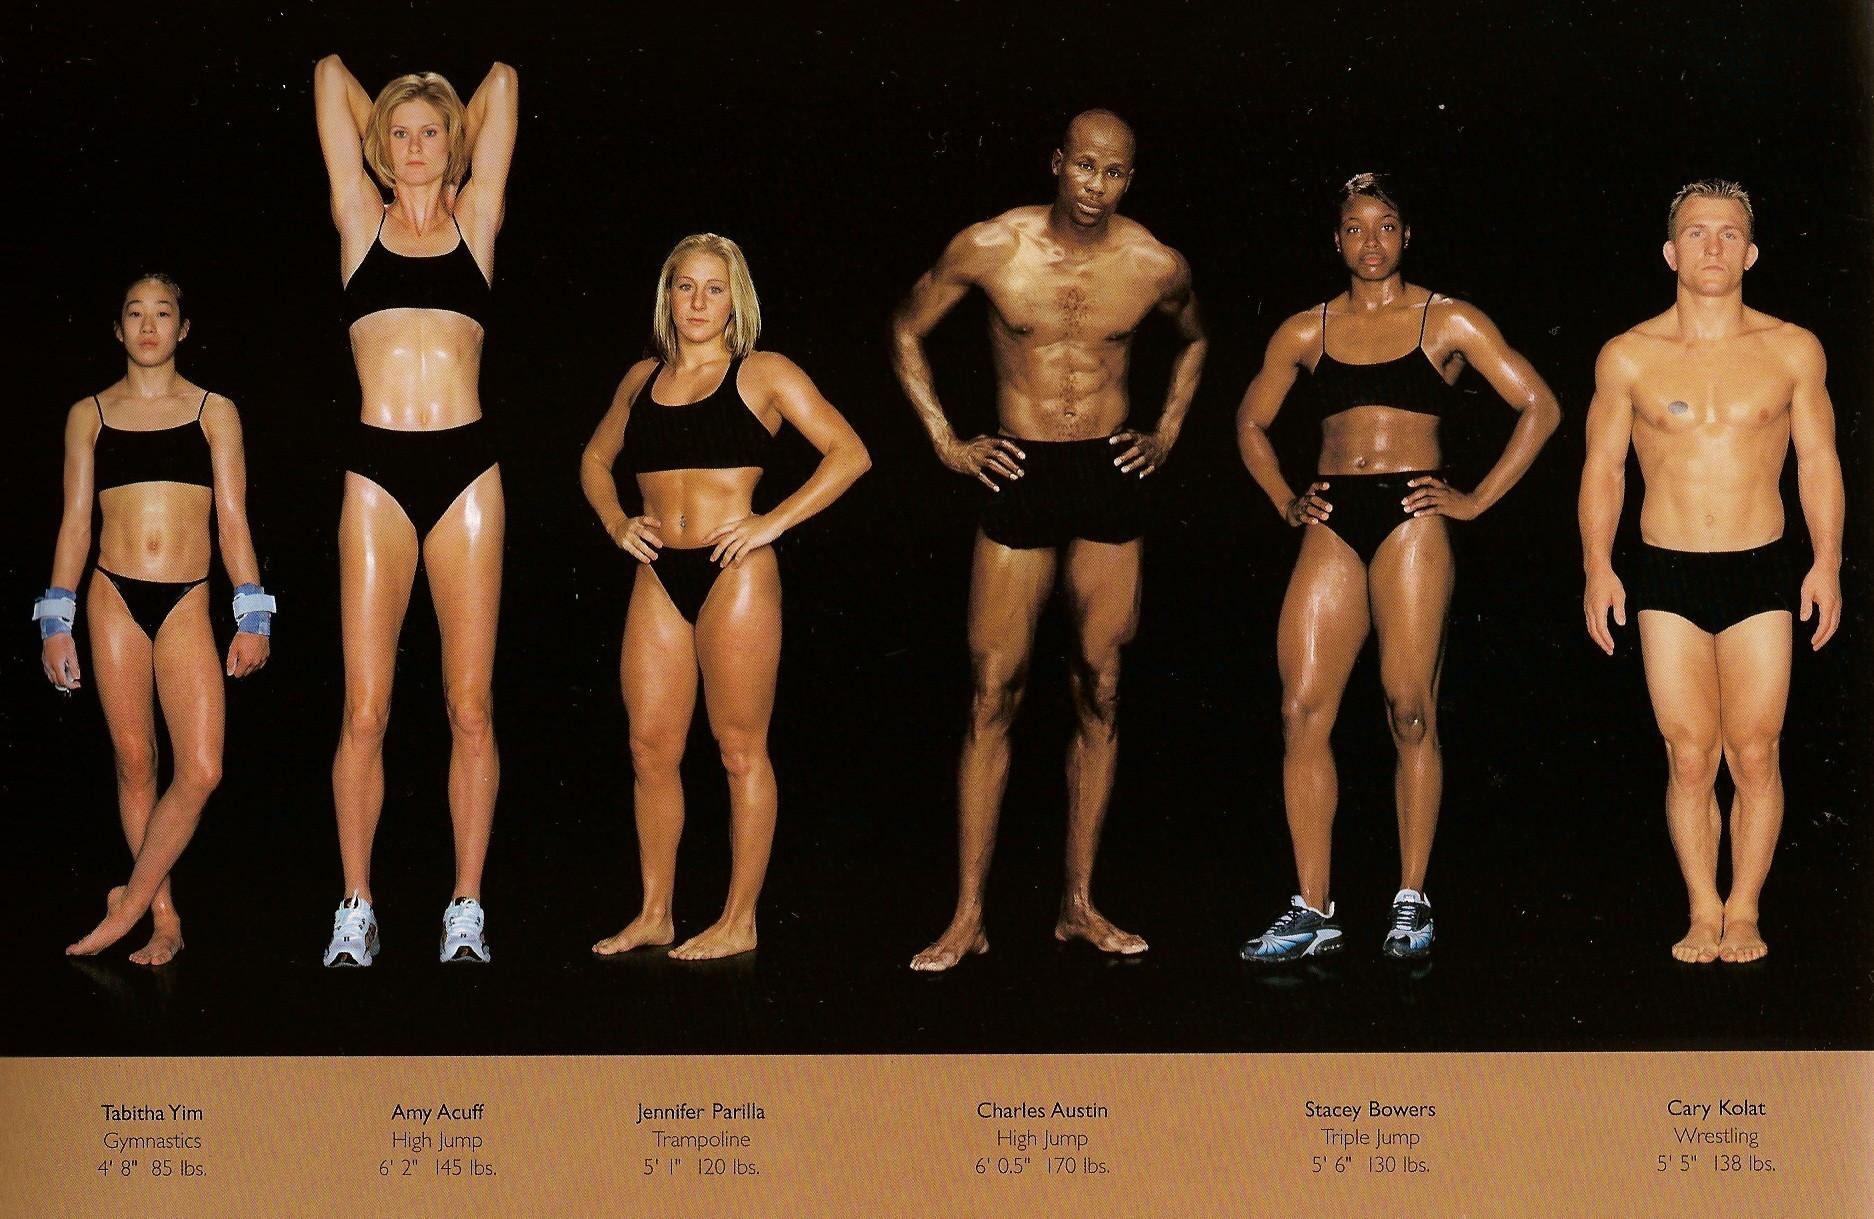 Howard Schatz / слева направо: гимнастика, прыжки в высоту, батут, прыжки в высоту, тройной прыжок, реслинг.